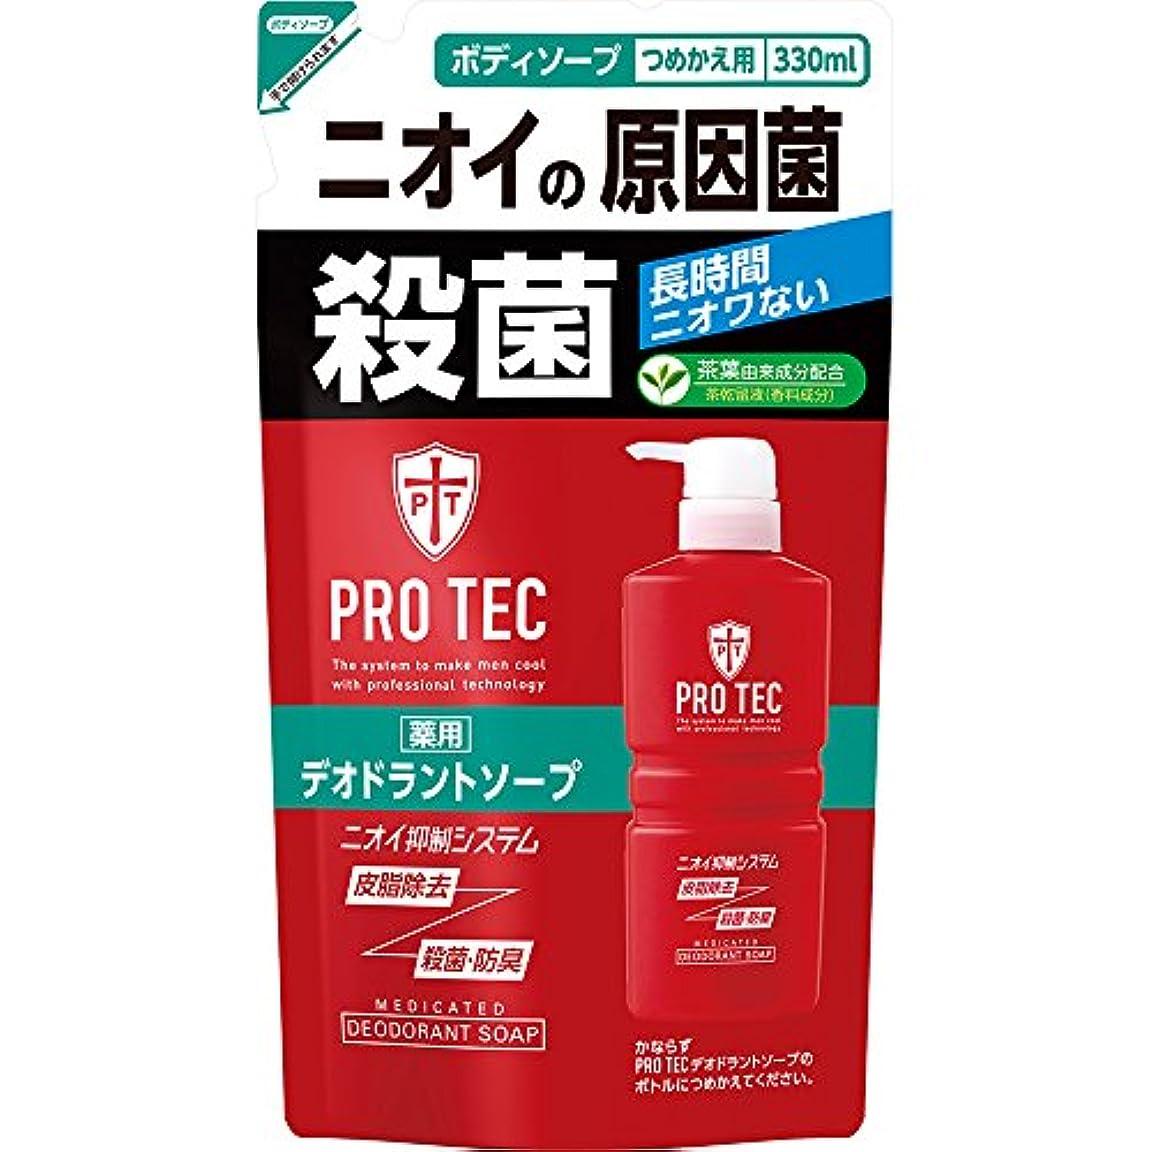 フェローシップ銀行女の子PRO TEC(プロテク) デオドラントソープ 詰め替え 330ml(医薬部外品)